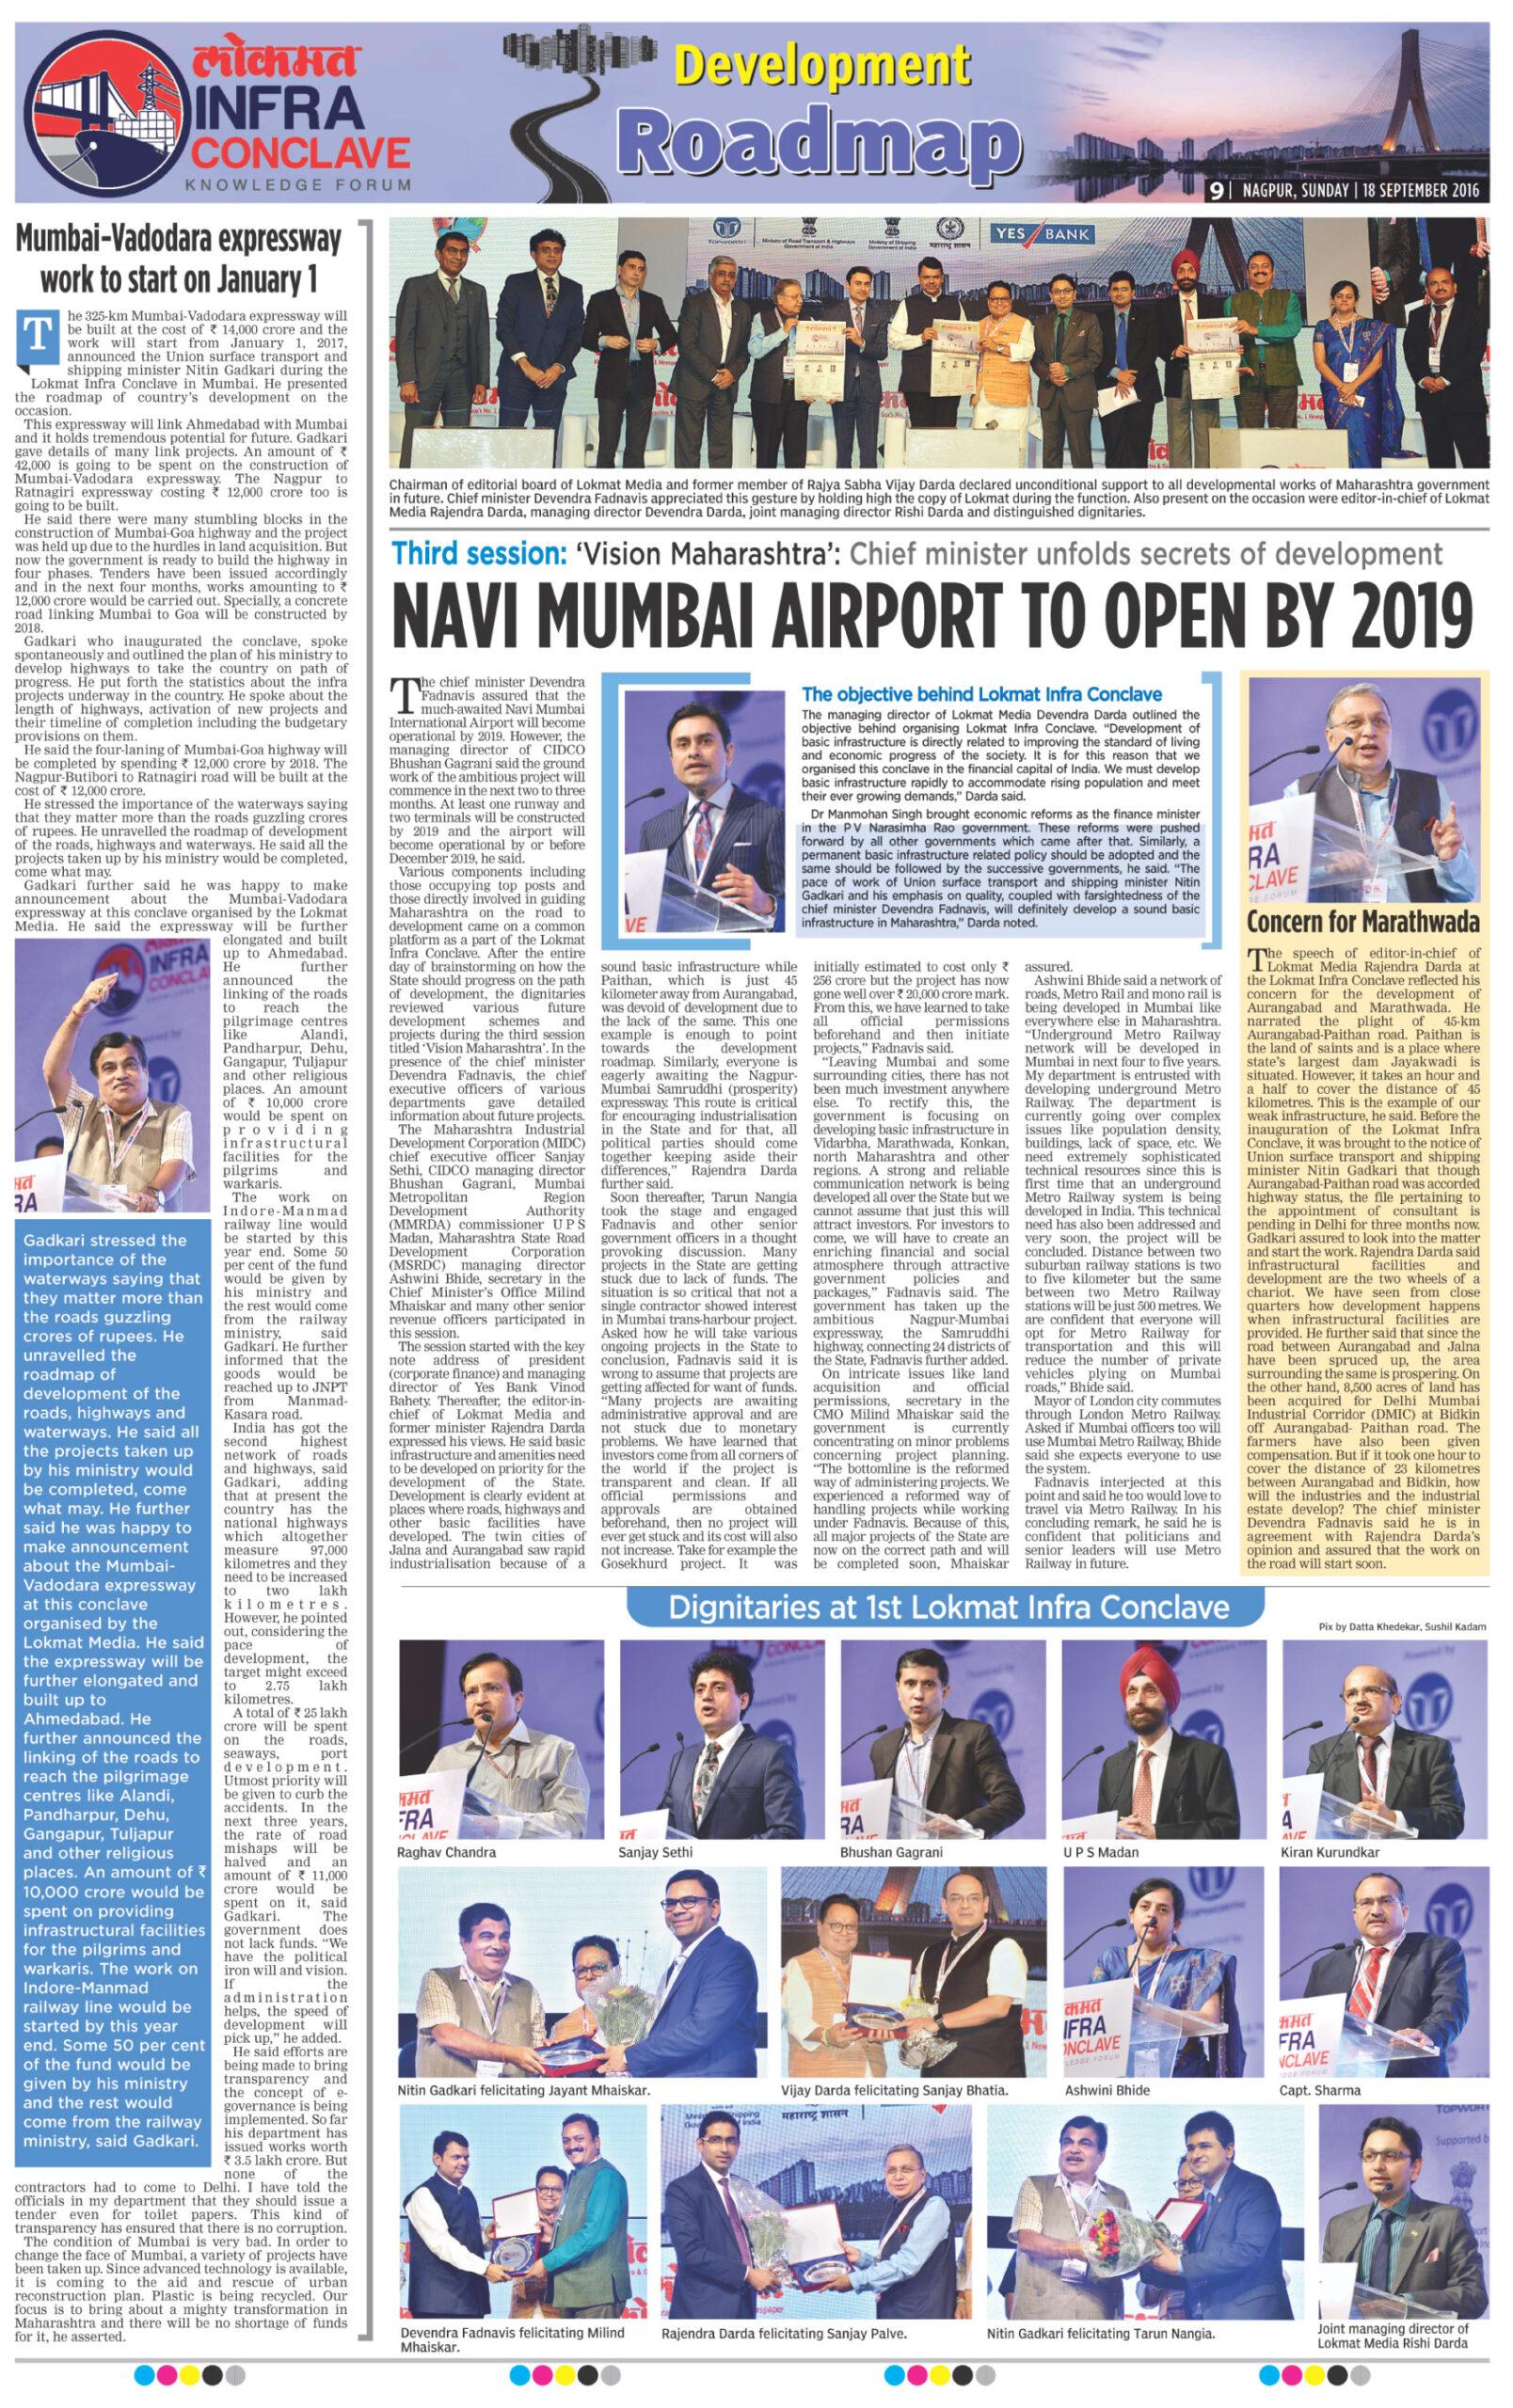 NAVI MUMBAI AIRPORT TO OPEN BY 2019